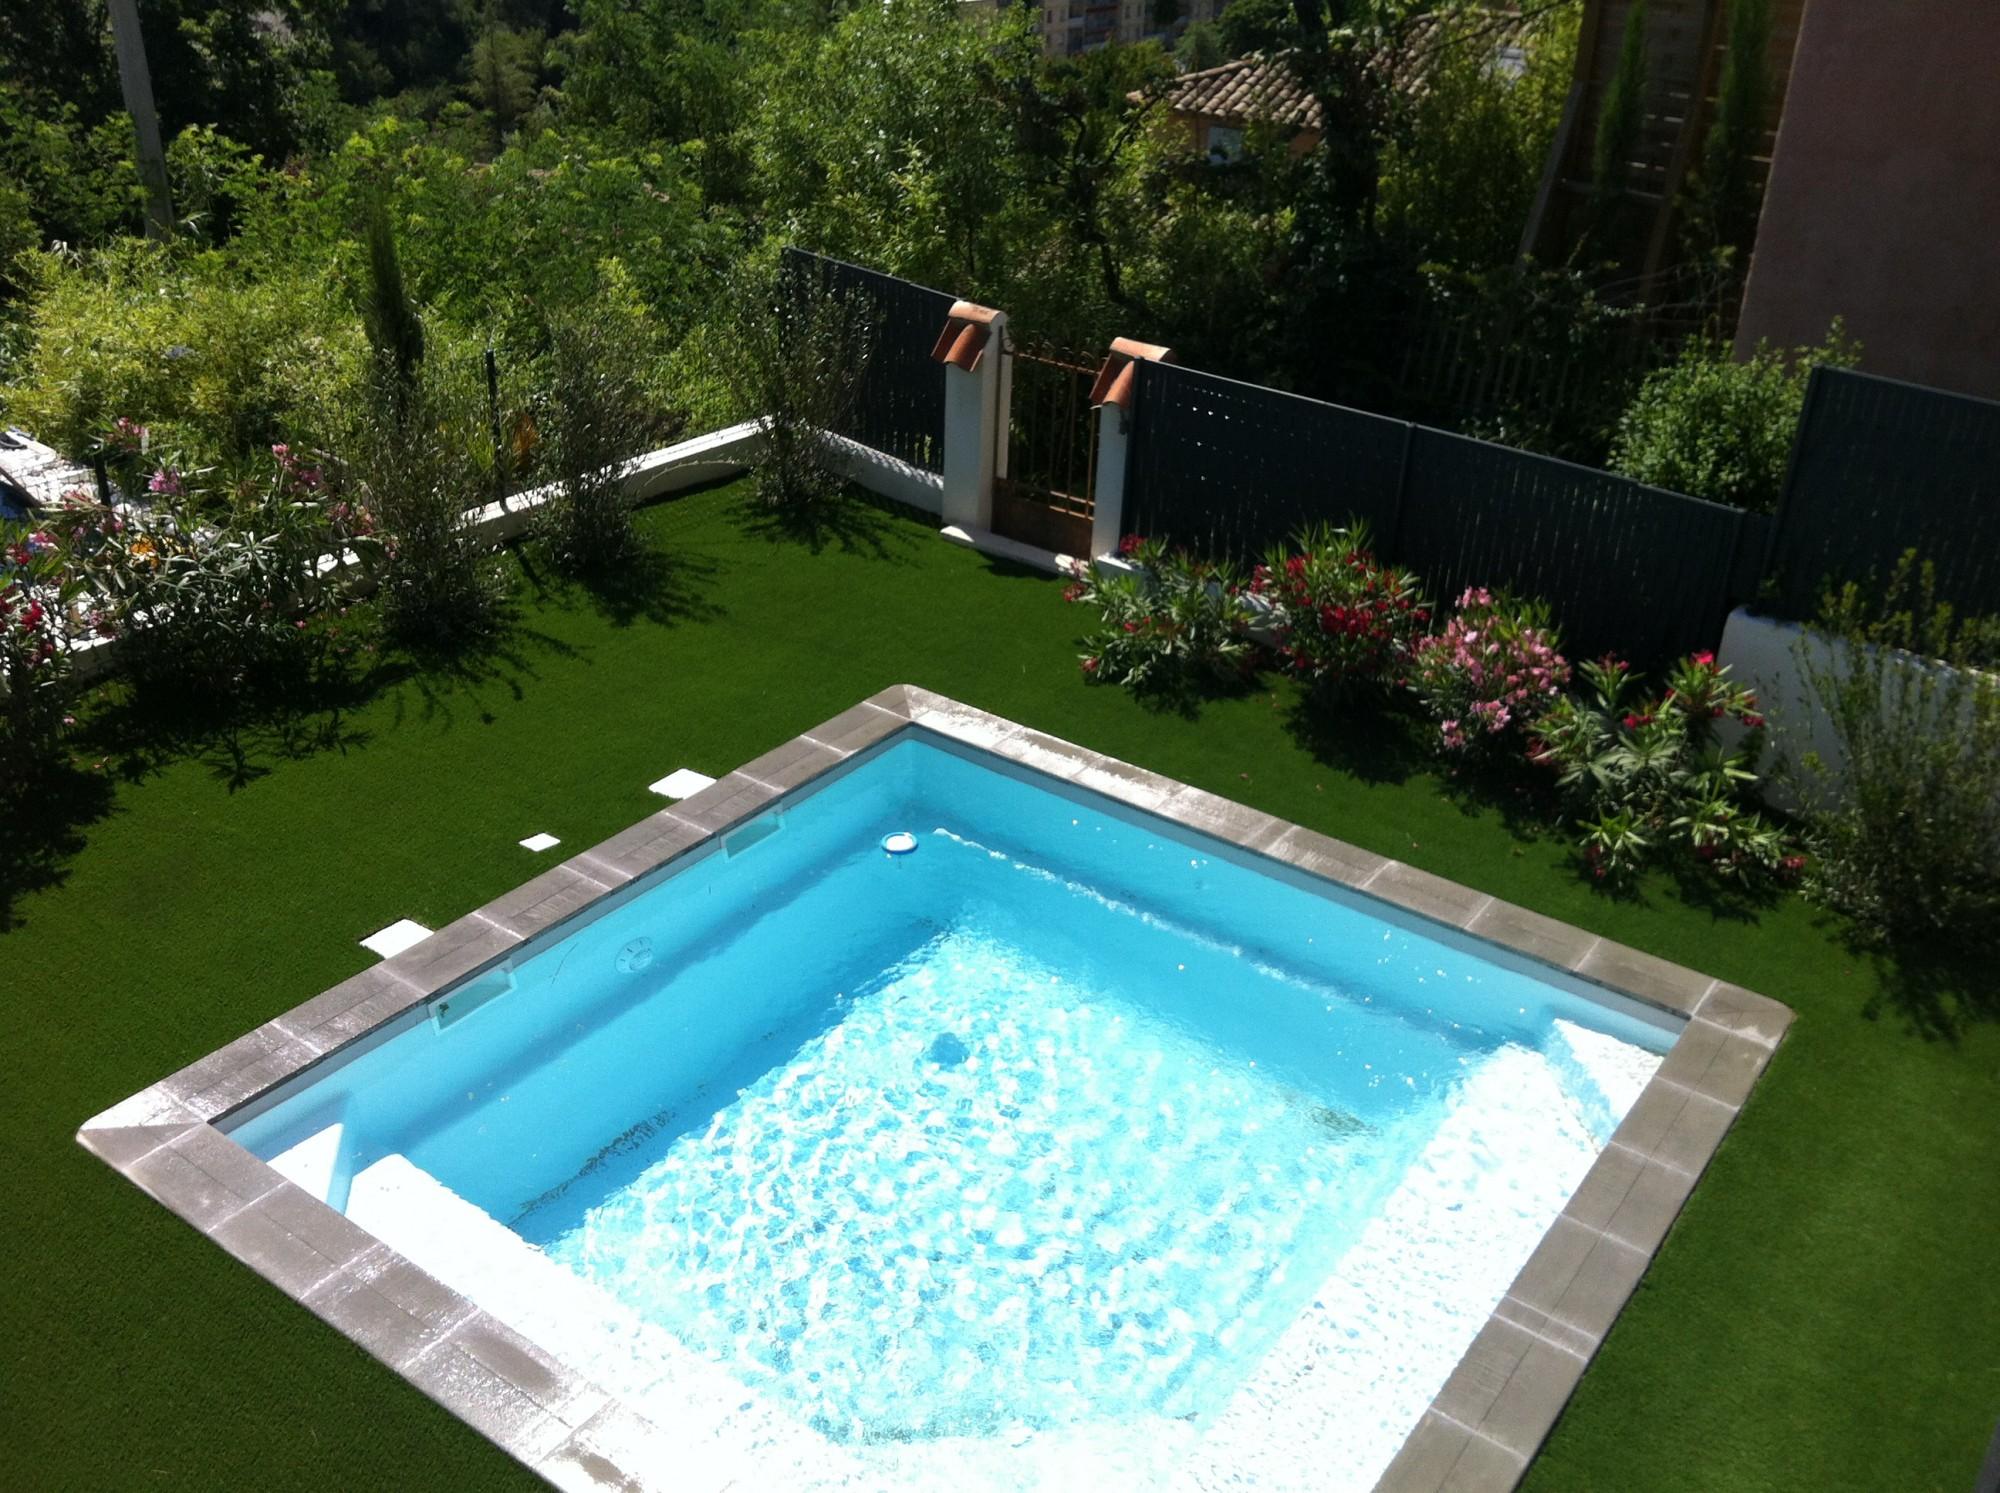 Pose de gazon artificiel pour jardin nice dans les alpes maritimes la pose - Poser une pelouse synthetique ...